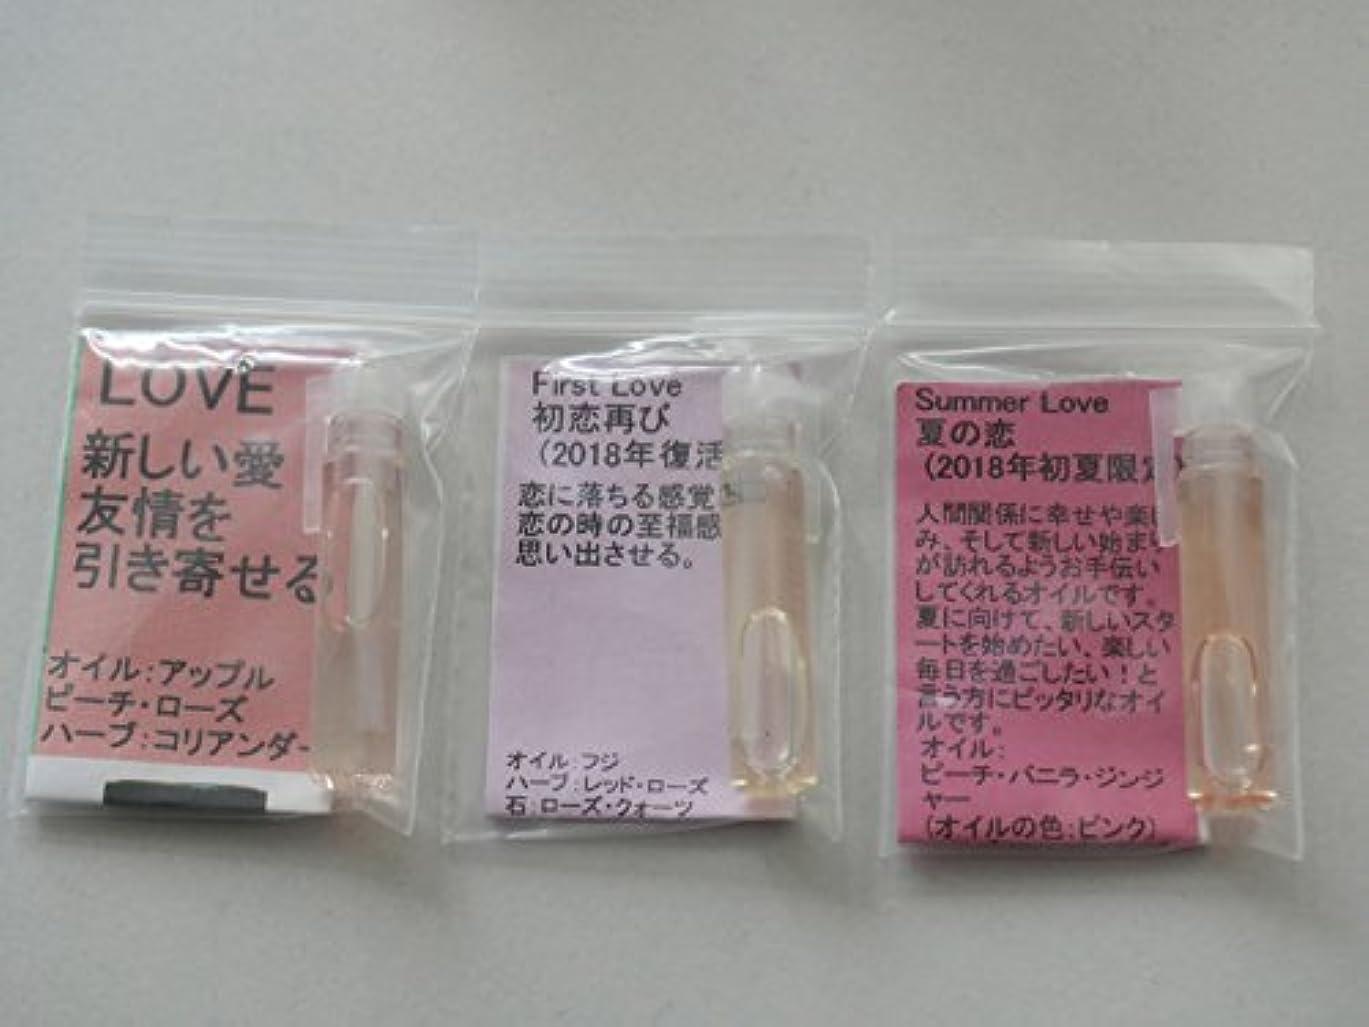 垂直きょうだい画像アンシェントメモリーオイル LOVEコンプリートコレクション 小分け3種セット【アンシェントメモリーオイルのLOVEと名前の付くアイテムをセットしました。LOVE?FirstLove?SummerLove】